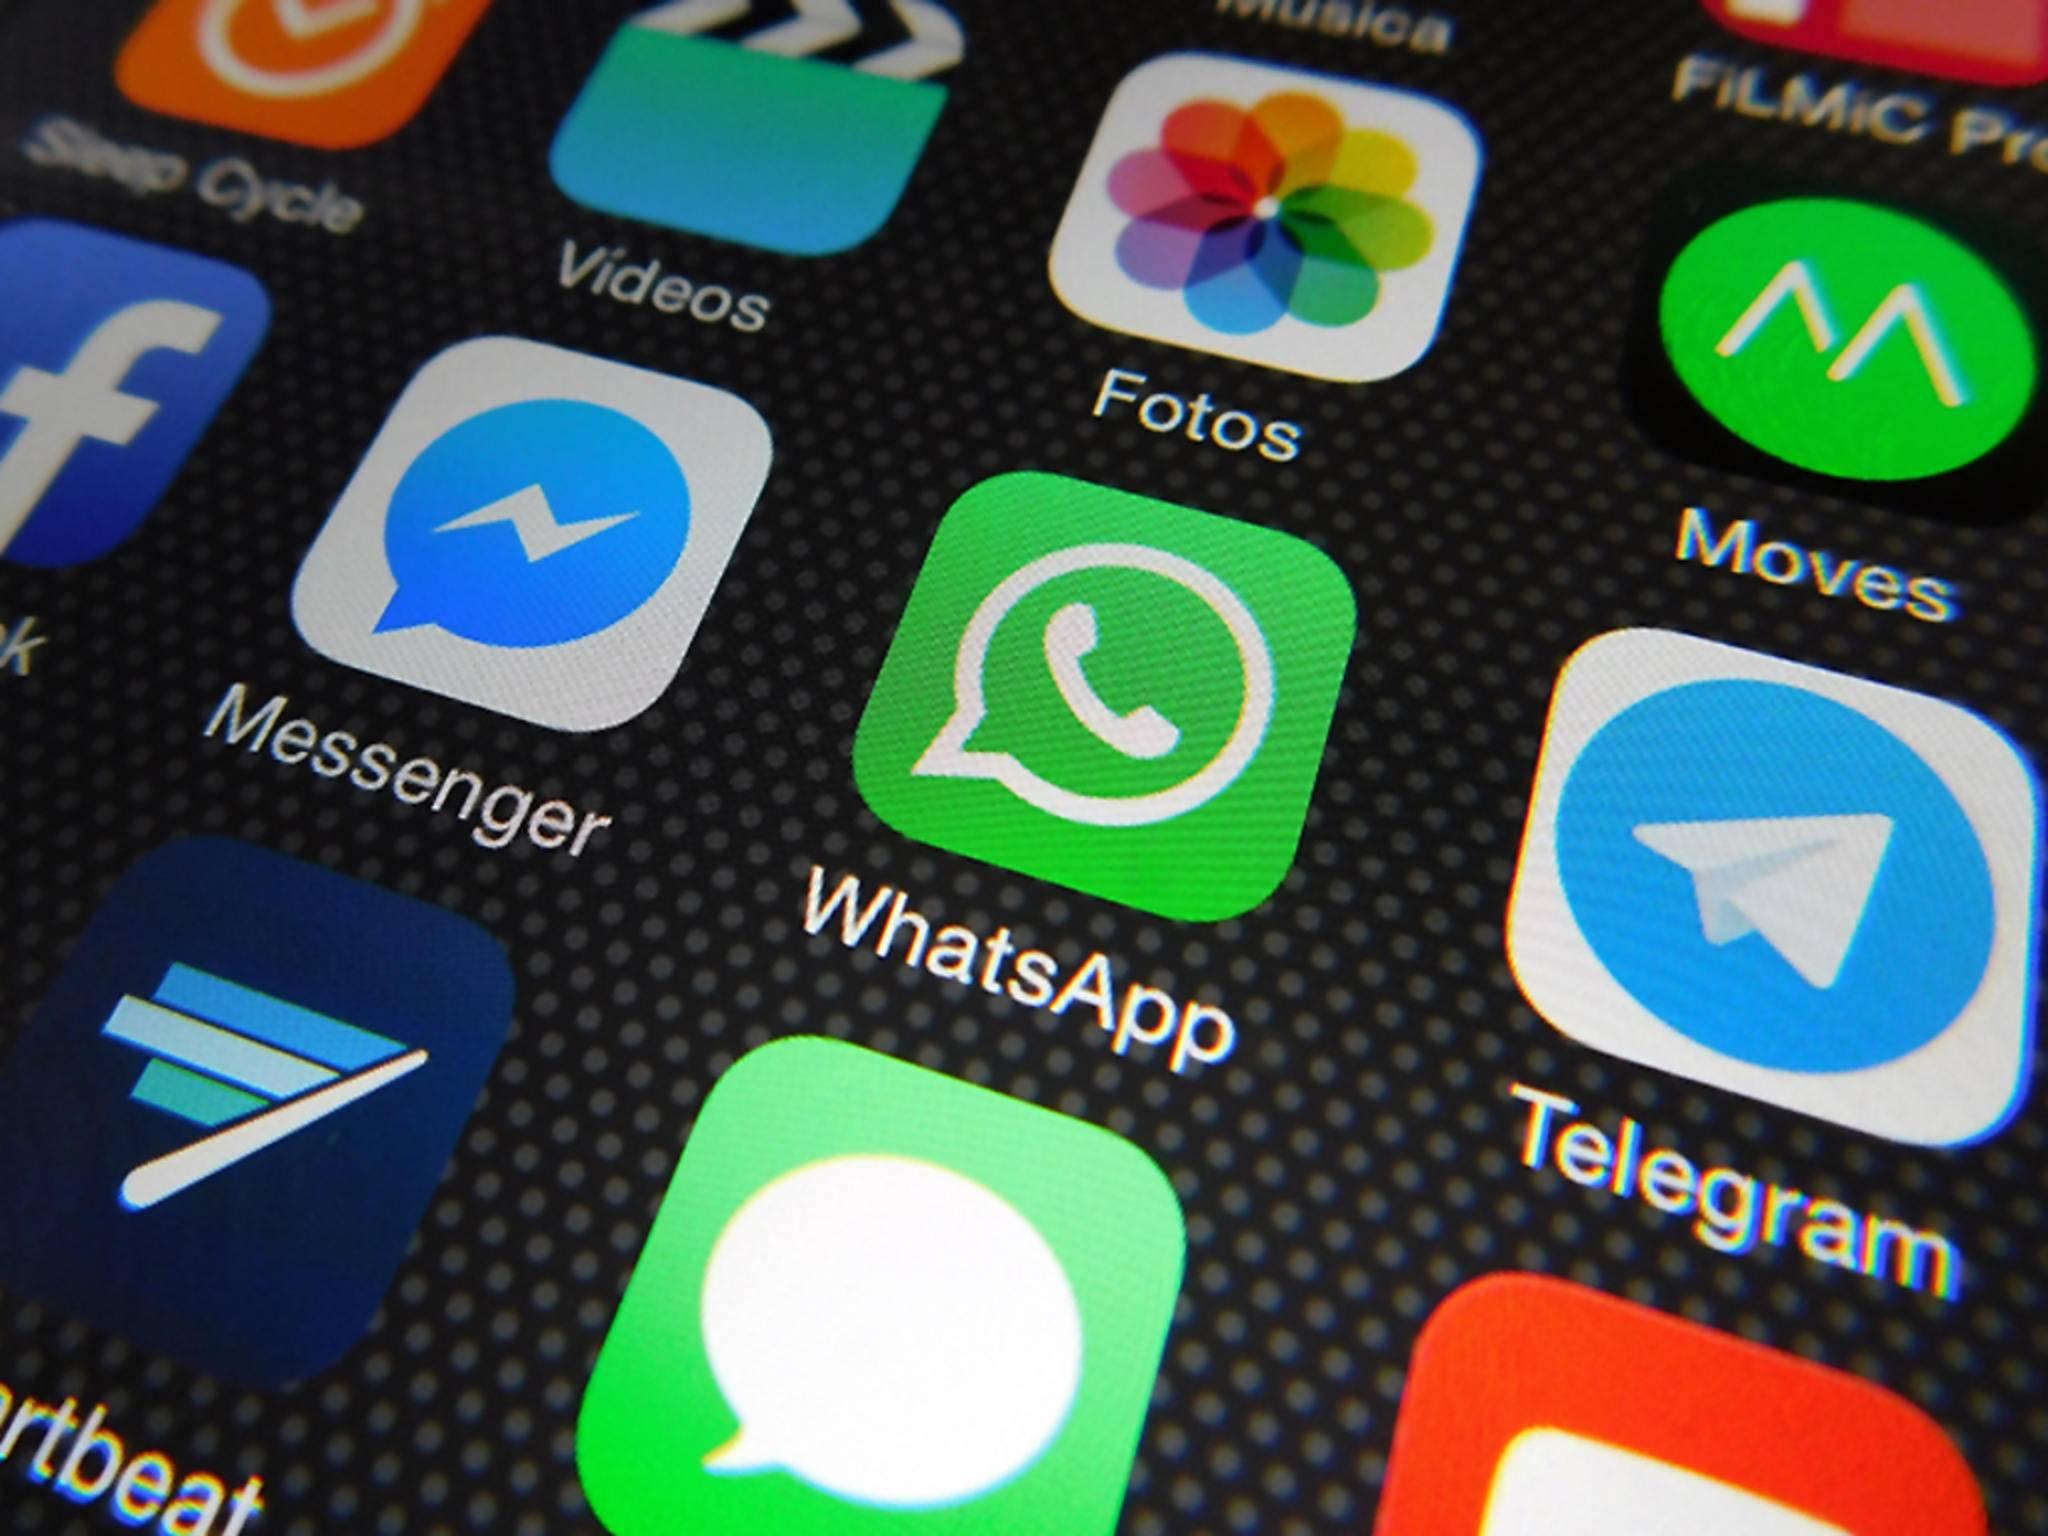 WhatsApp: So verhinderst Du die Daten-Weitergabe an Facebook